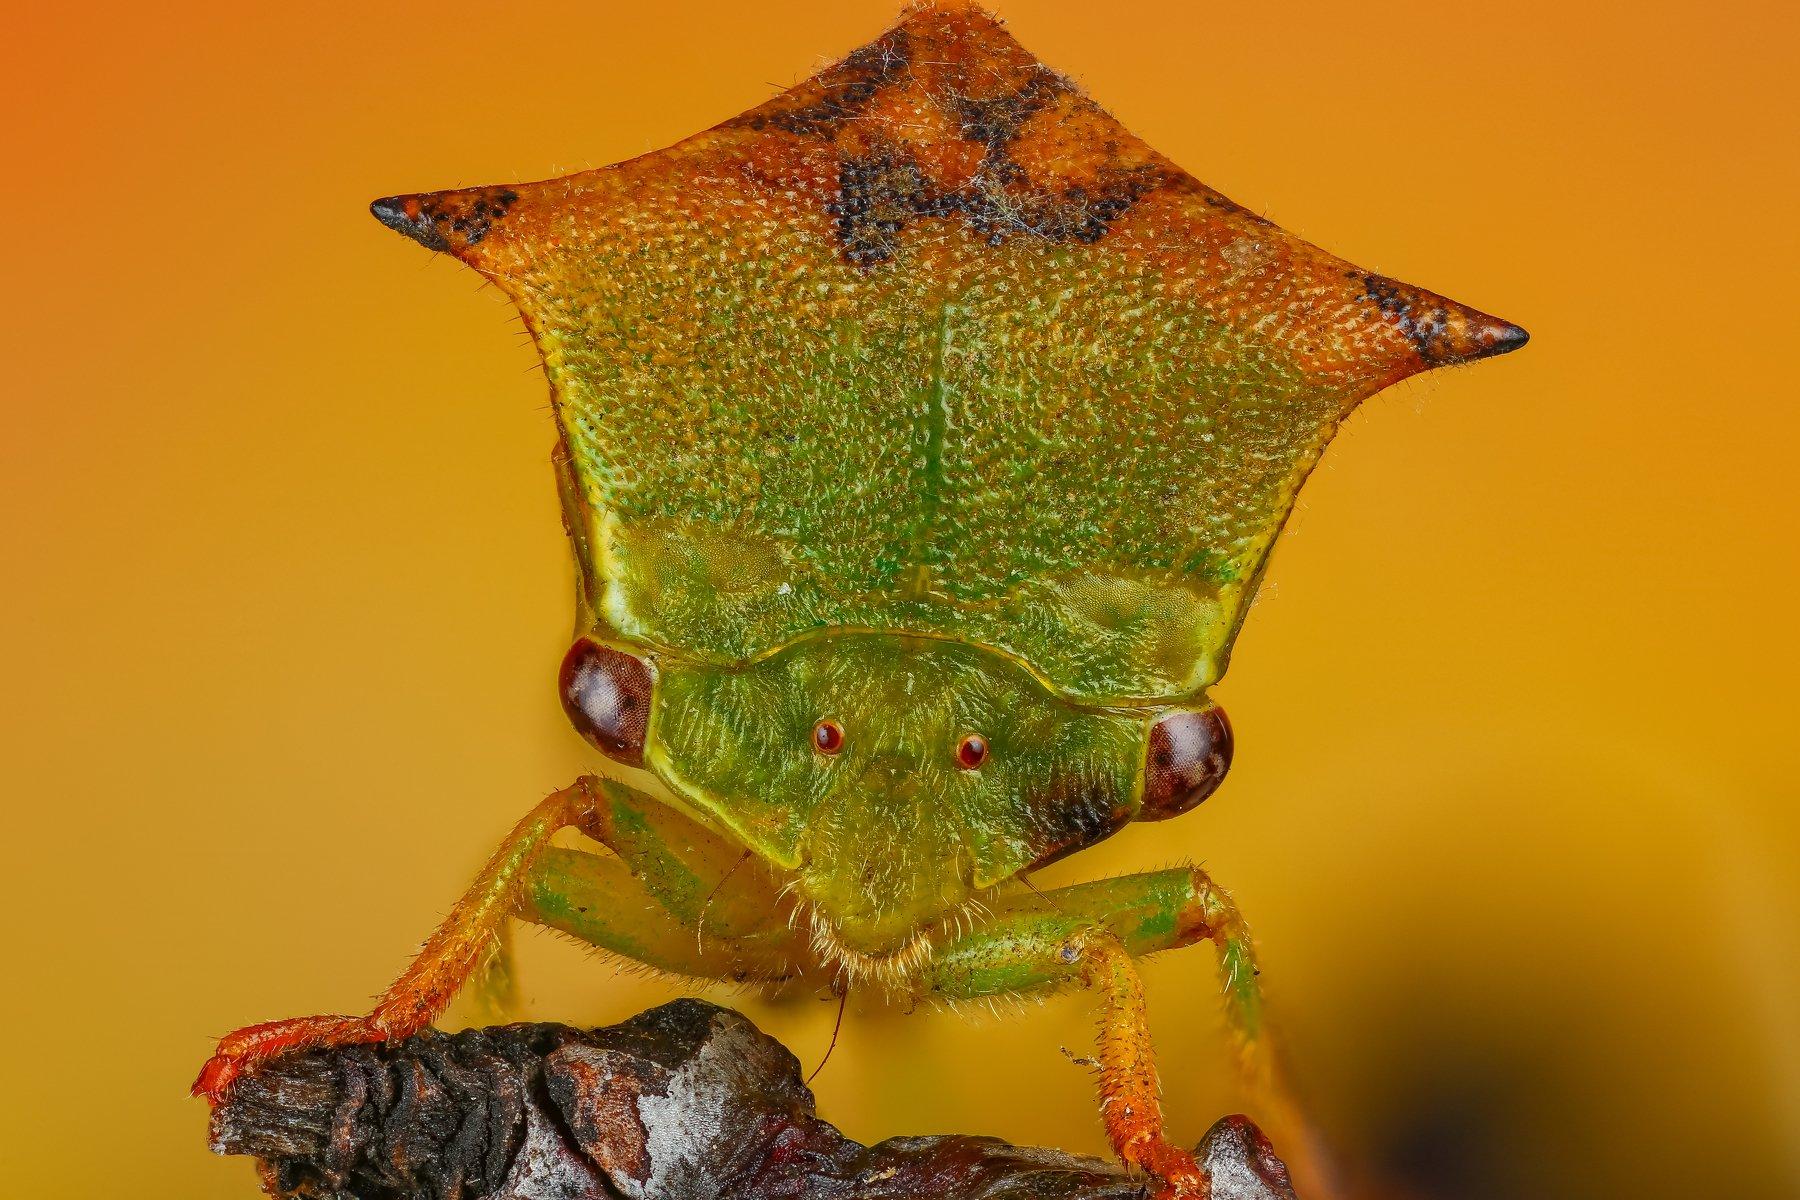 макро портрет насекомое зеленый желтый оранжевый цвет, Шаповалов Андрей